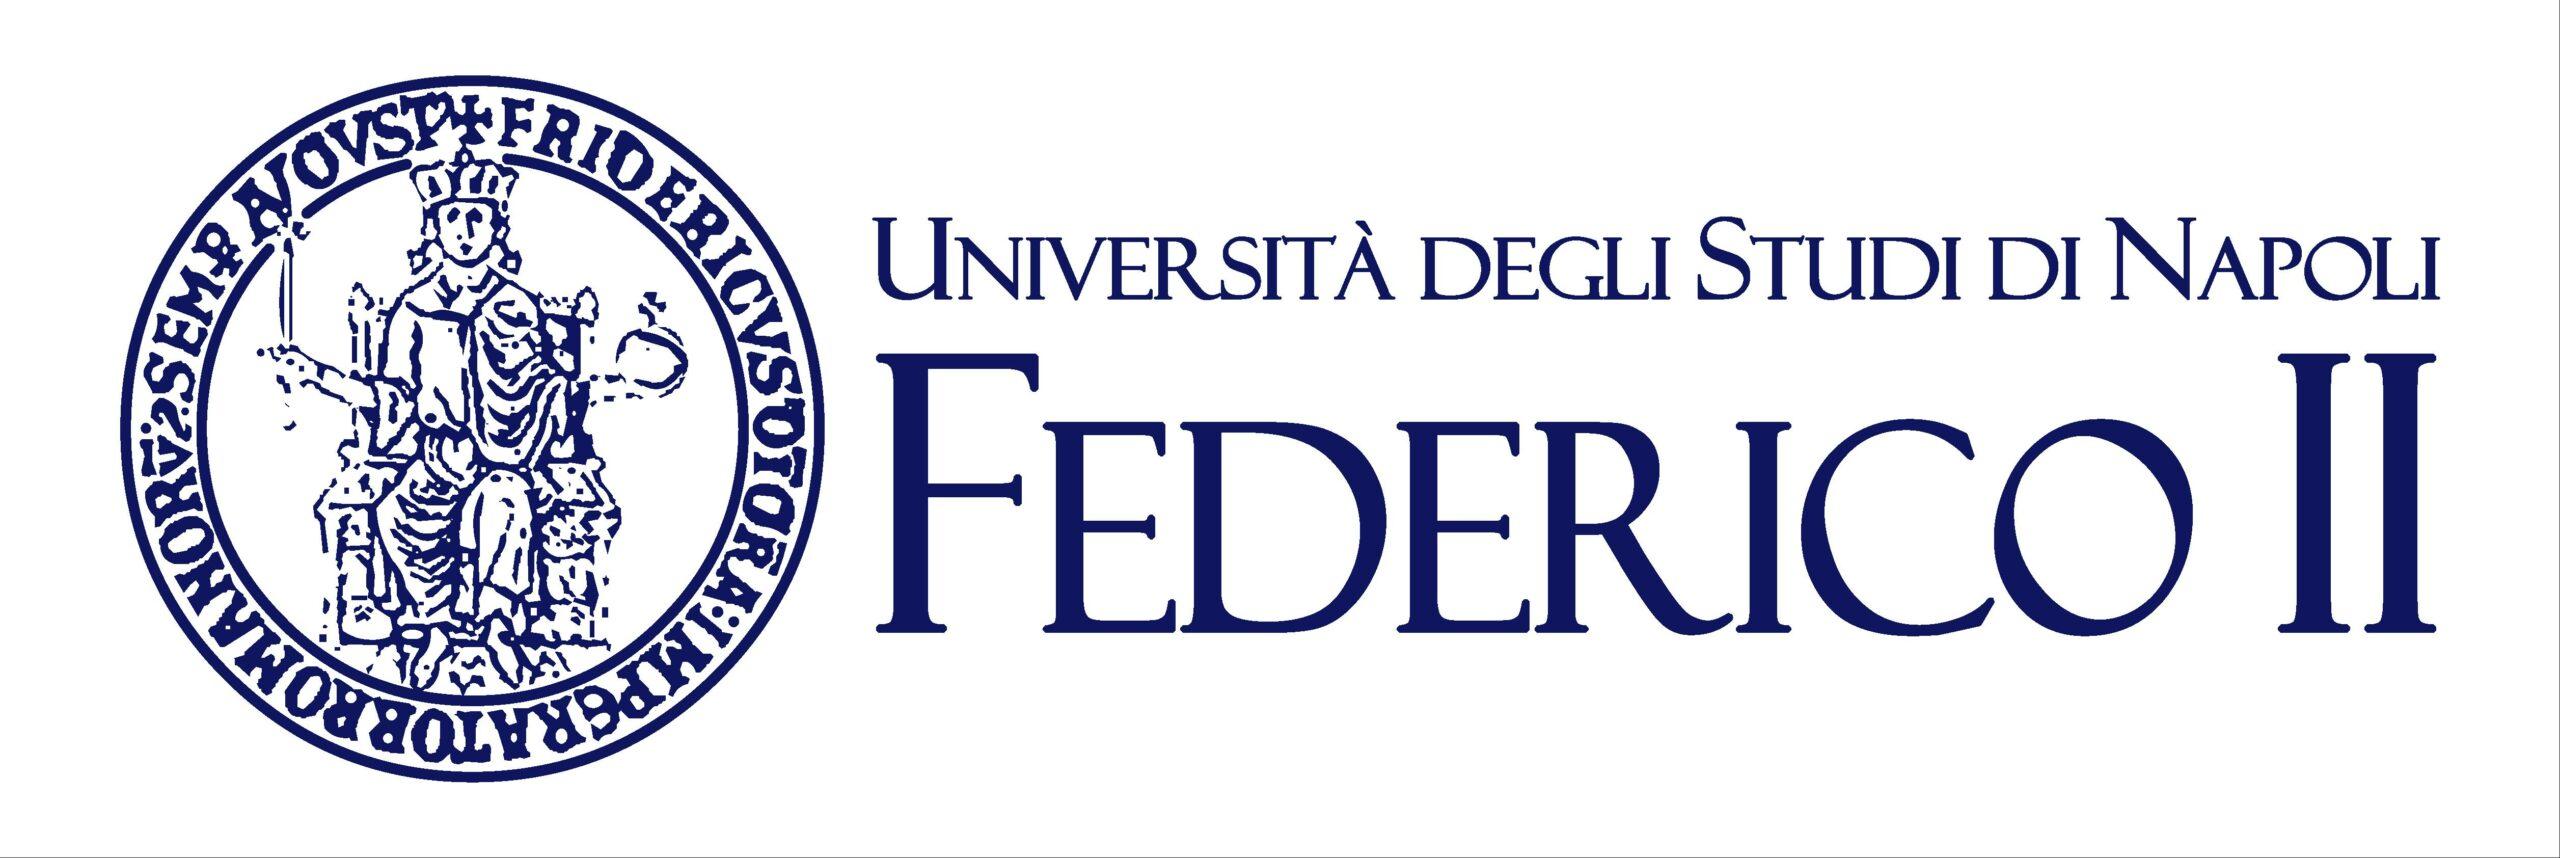 Università-degli-Studi-di-Napoli---Federico-II-Logo-1